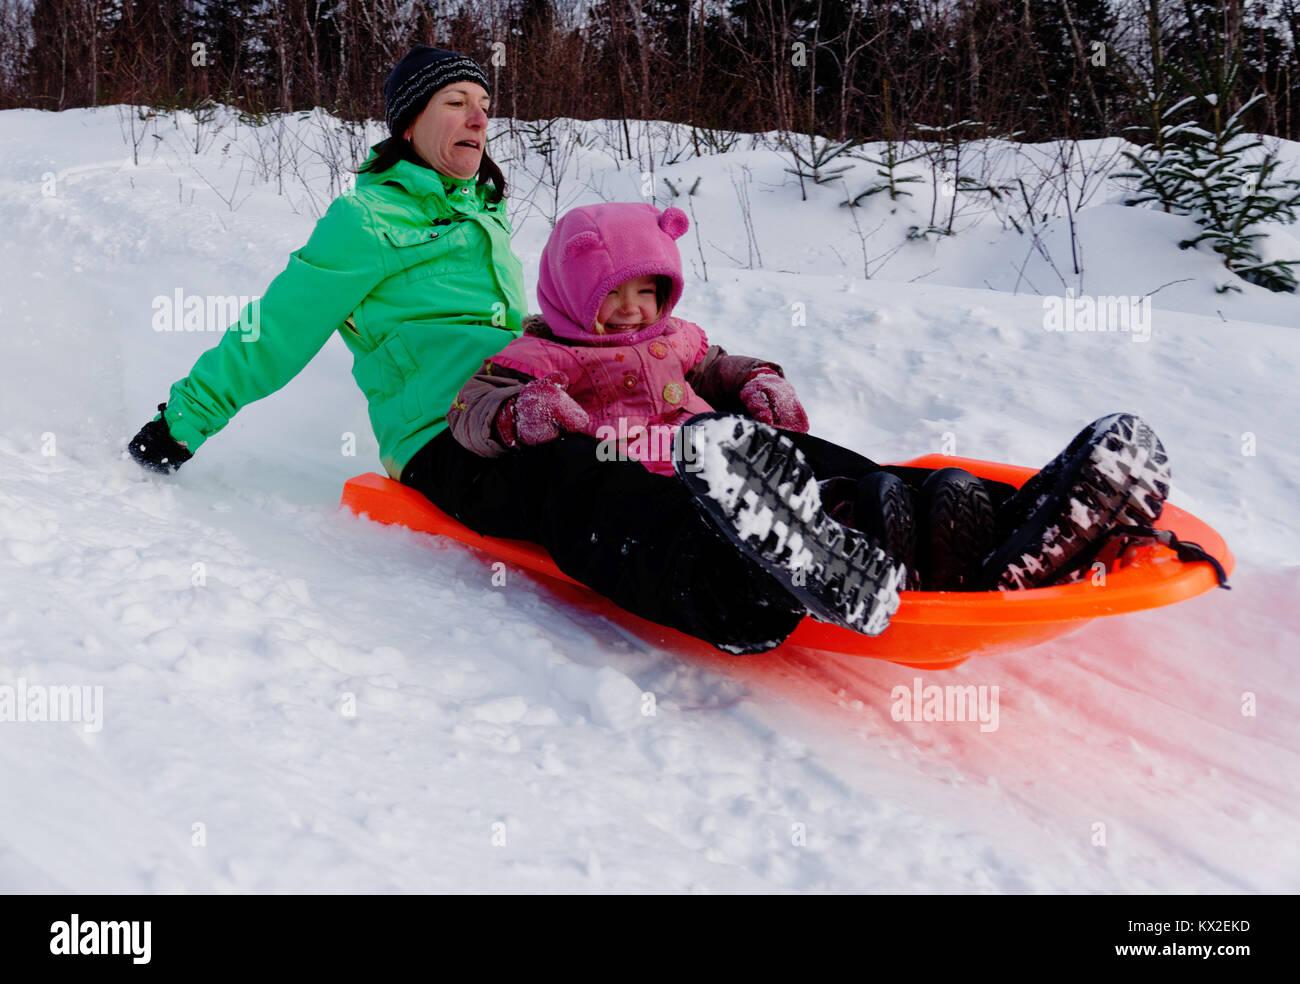 Una mujer adulta en un trineo con una niña pequeña (3 años) mirando nervioso como su mucho más Imagen De Stock